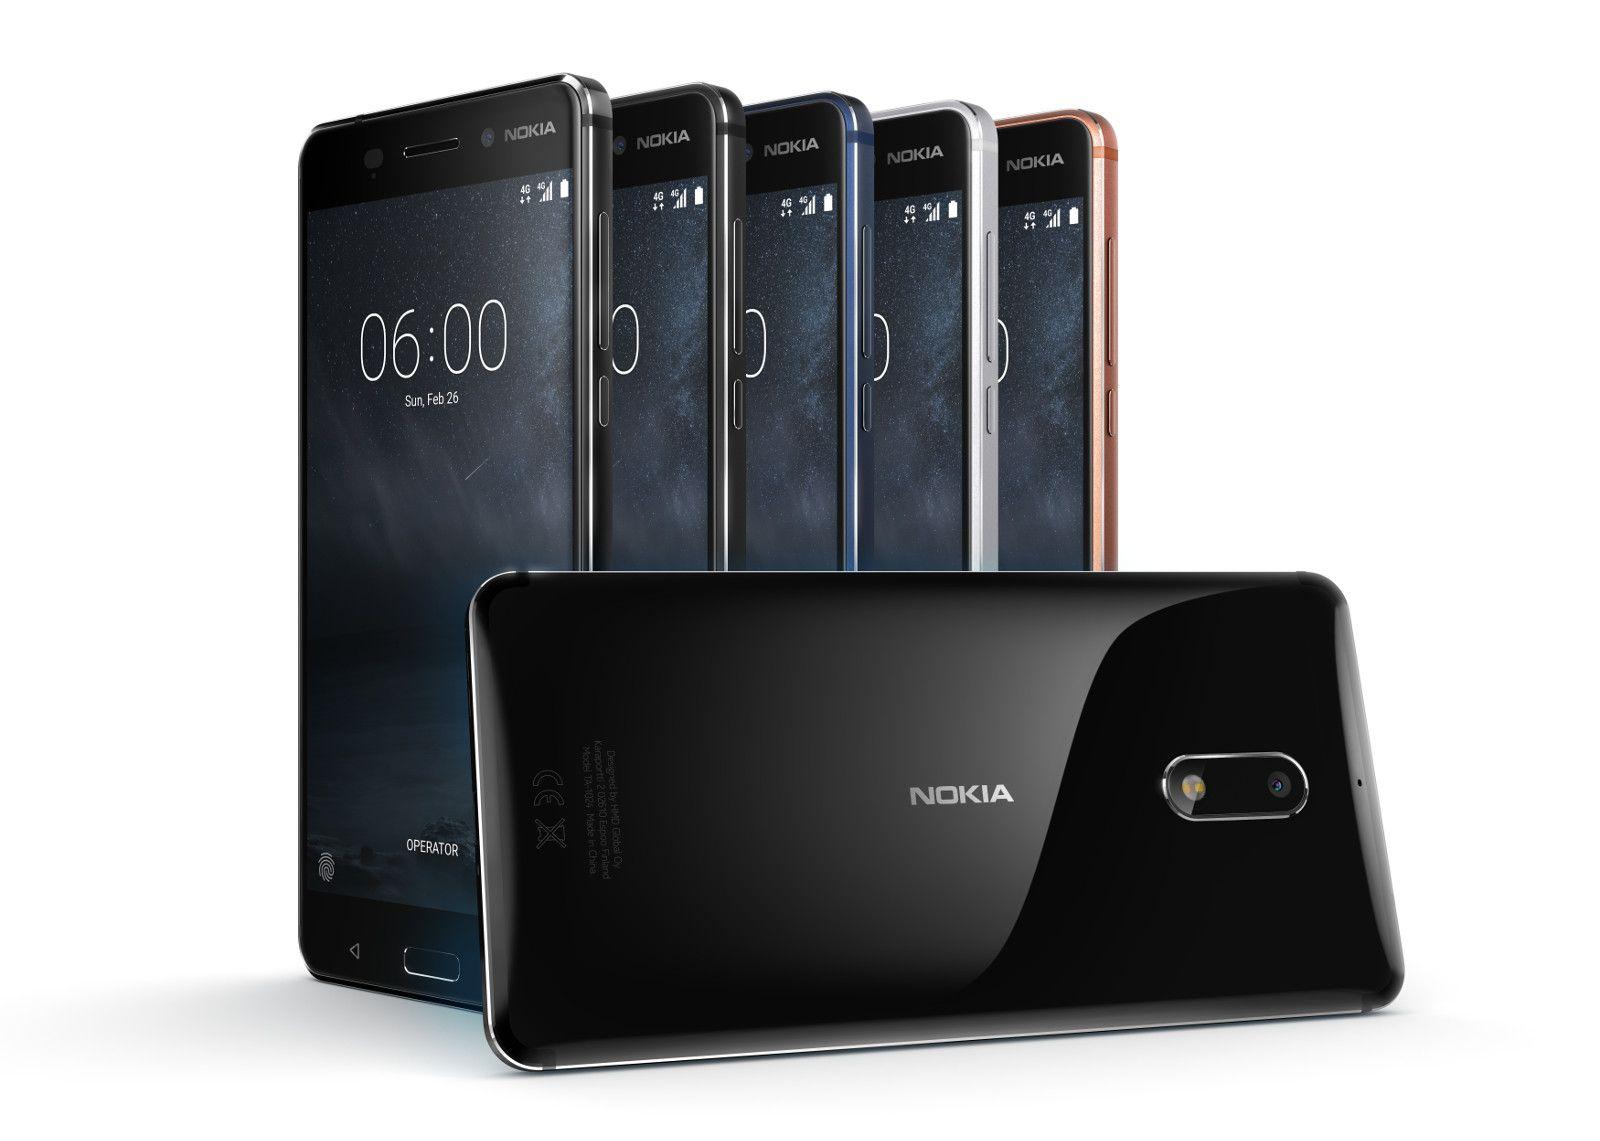 Review of the Nokia 6 Amazon Prime Edition Nokia 6